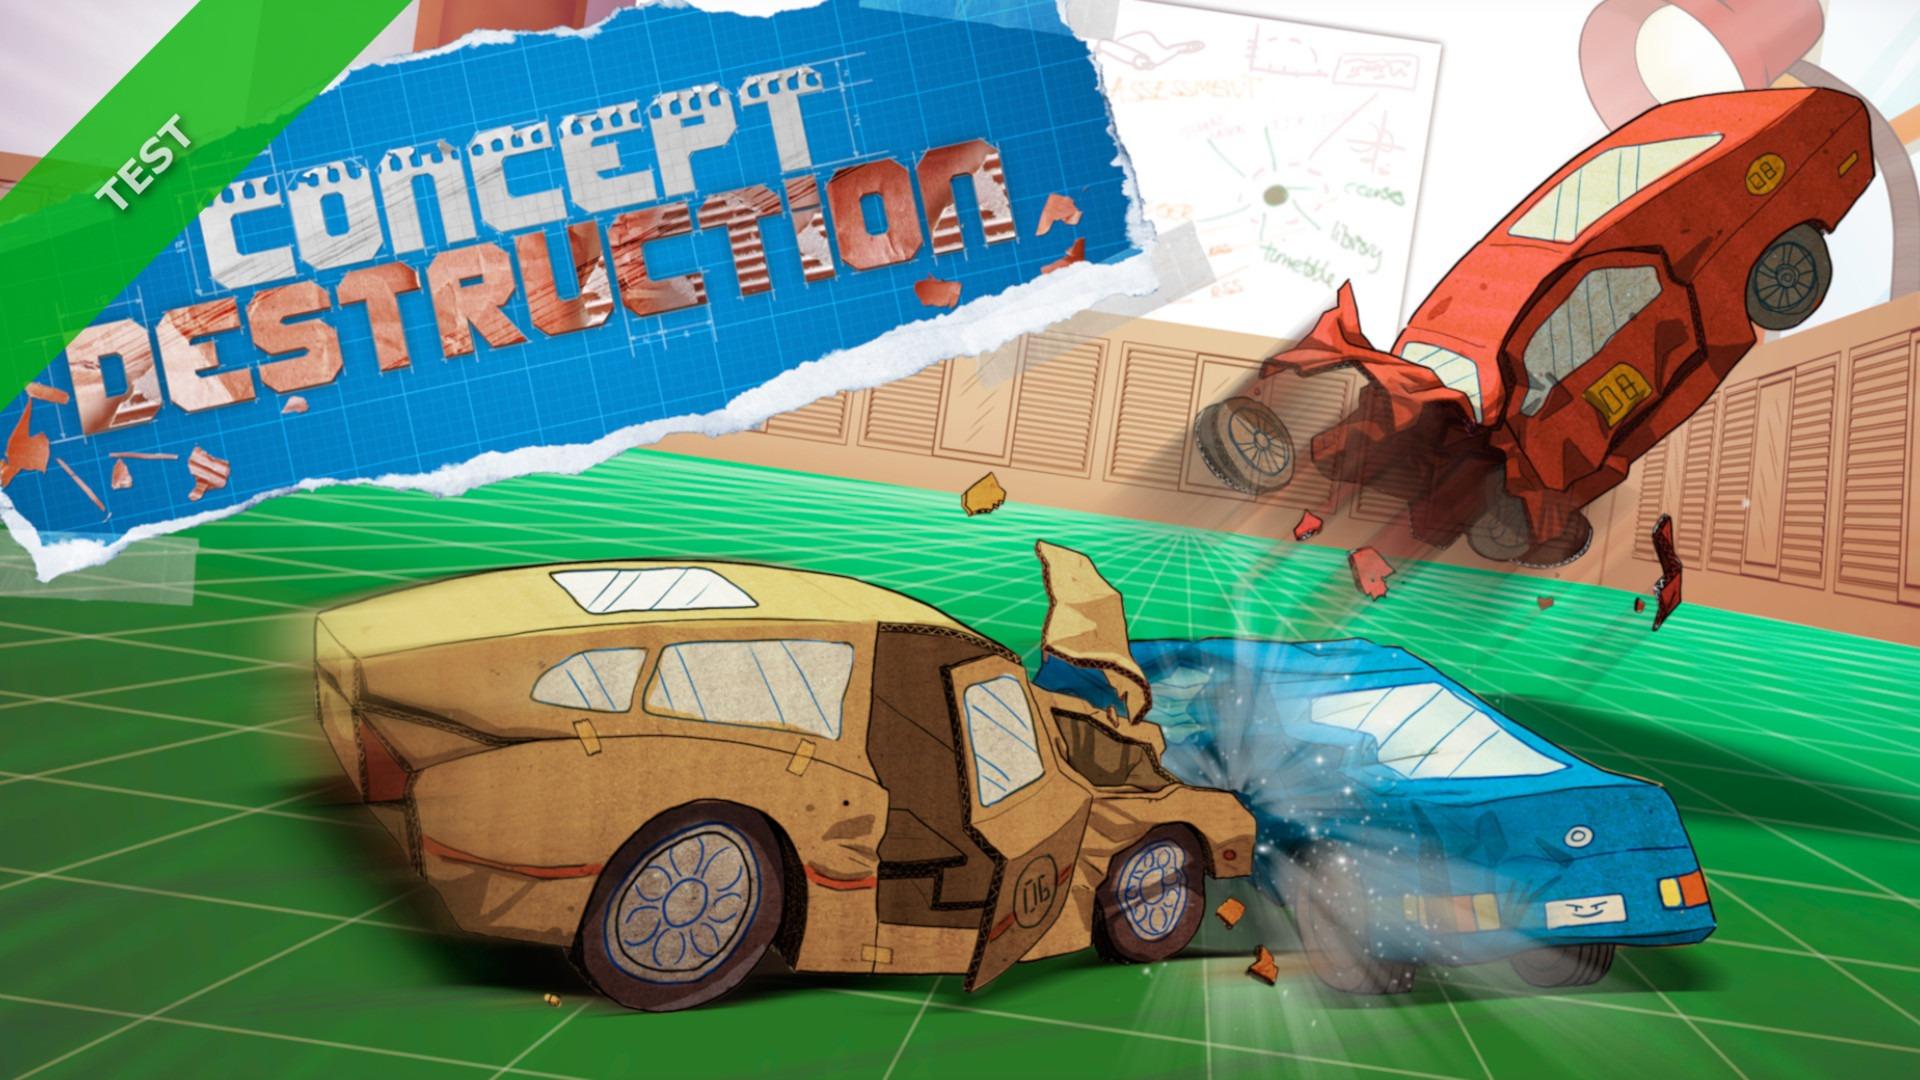 TEST Concept Destruction XWFR